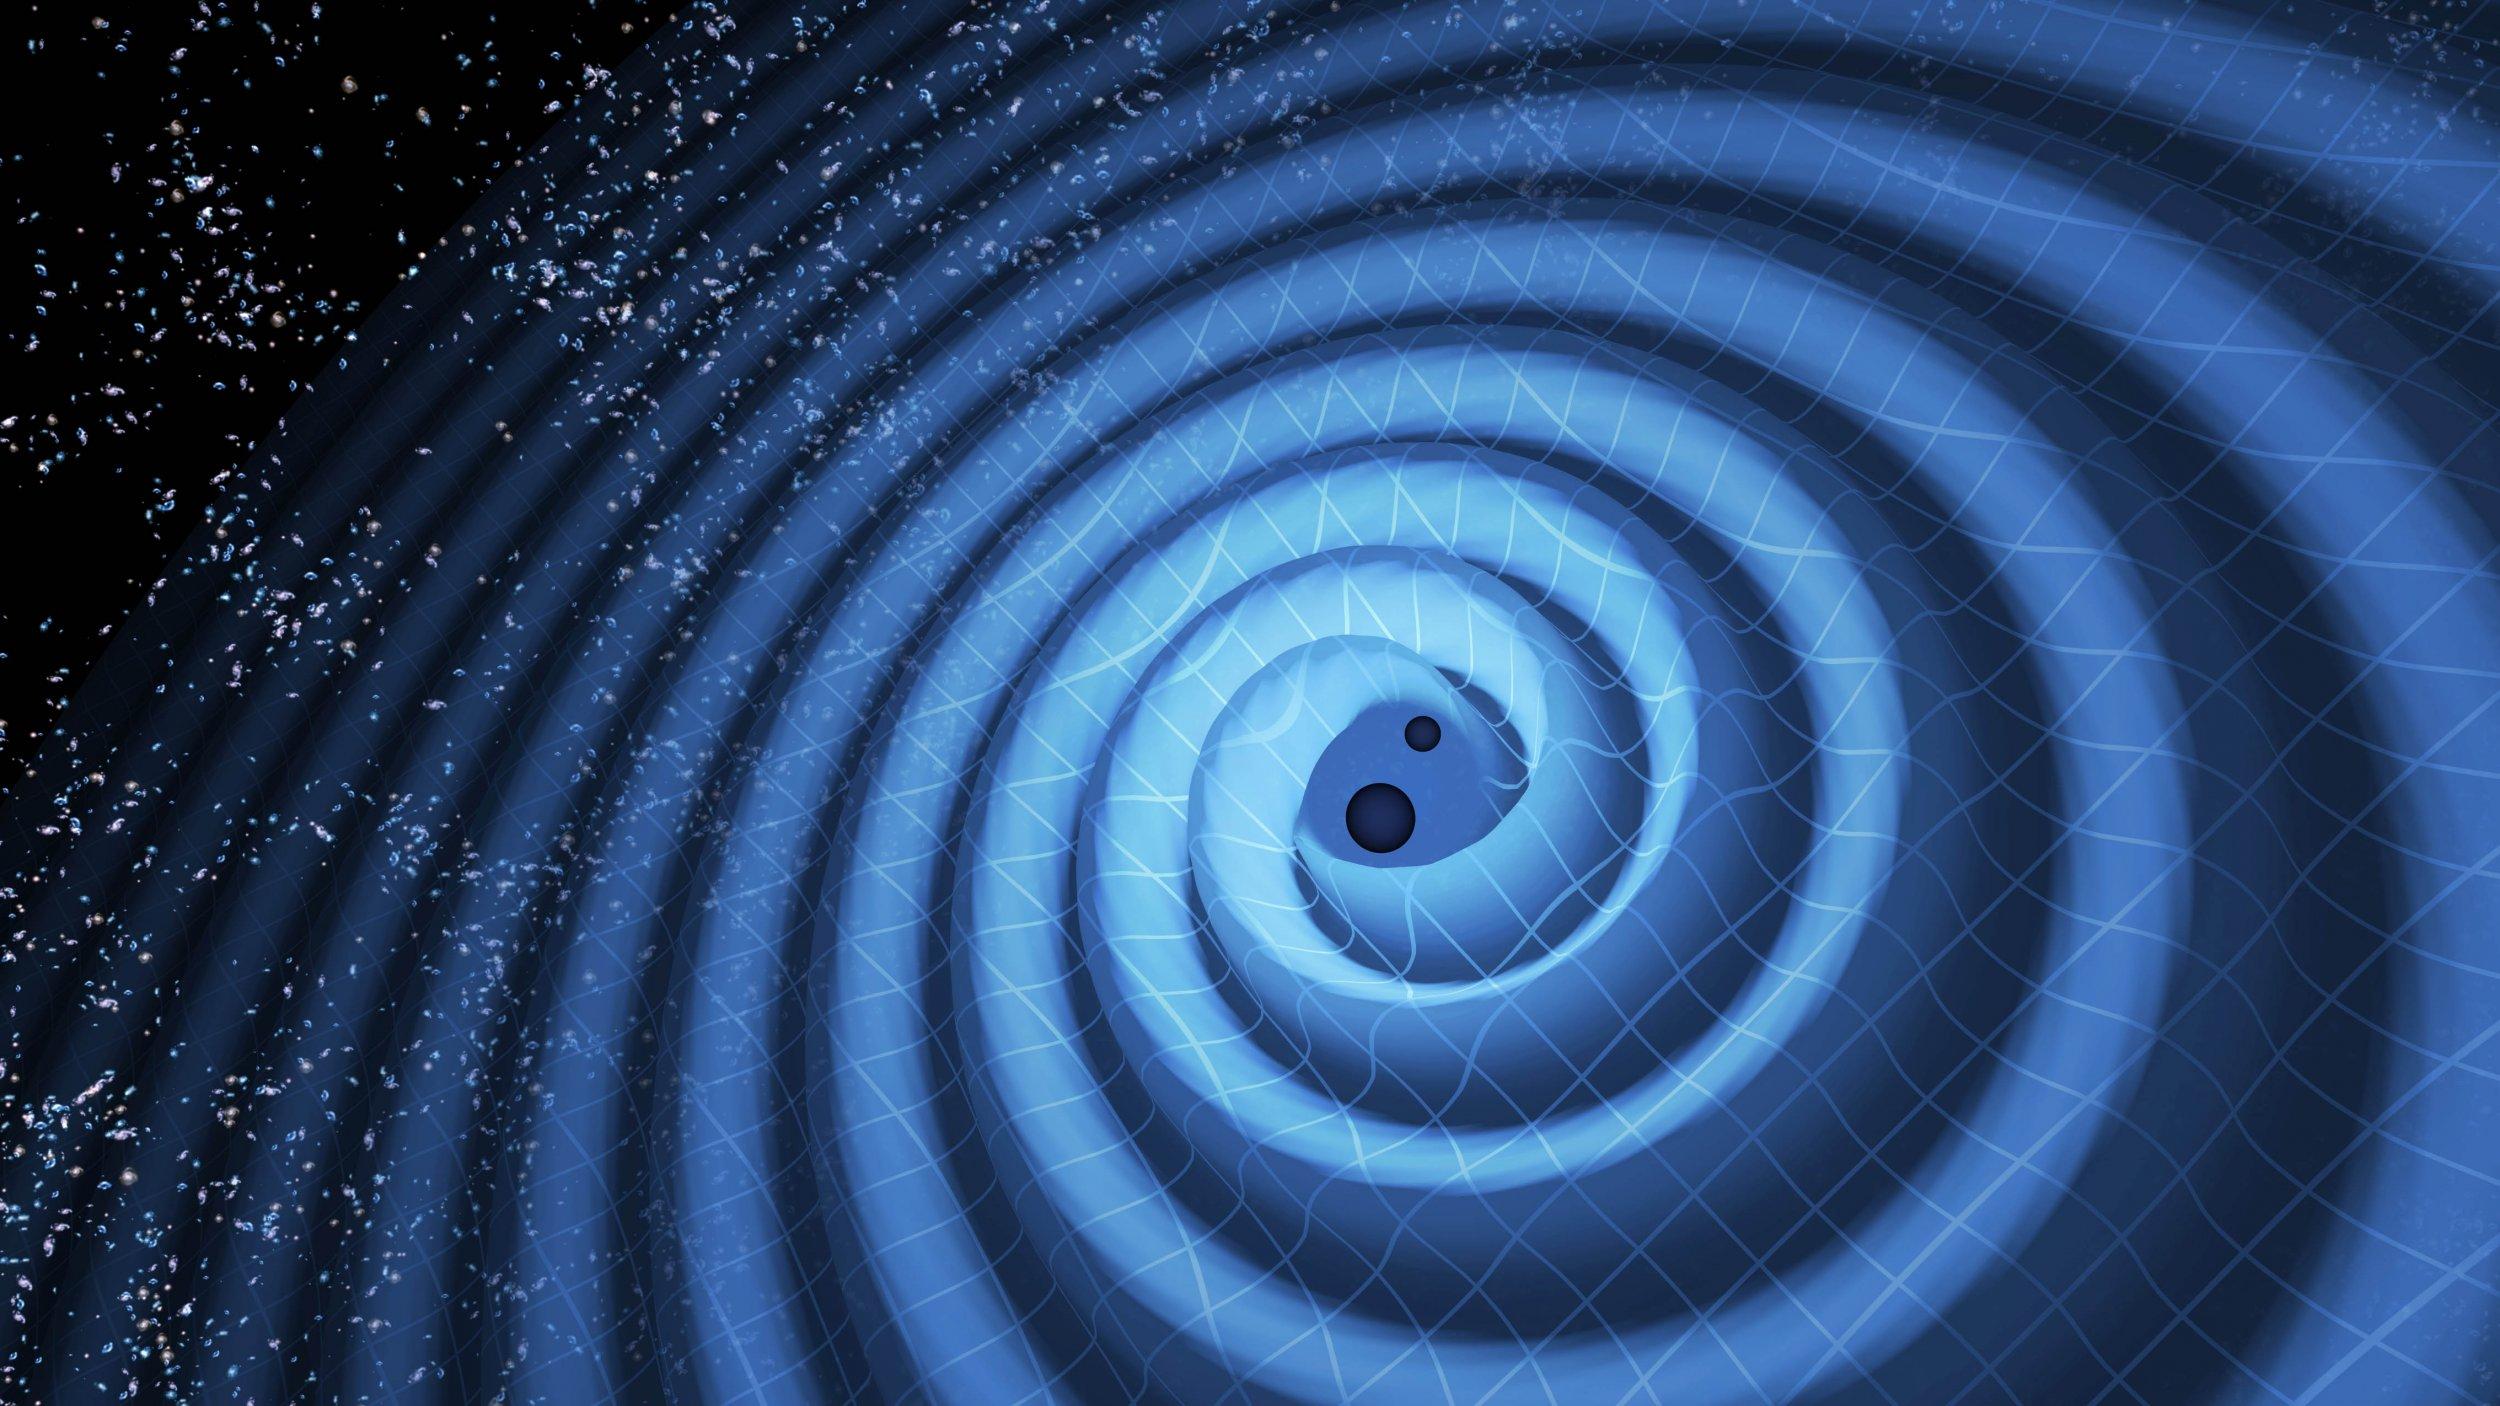 06_15_LIGO_Gravitational_Waves_Second_Discovery_02